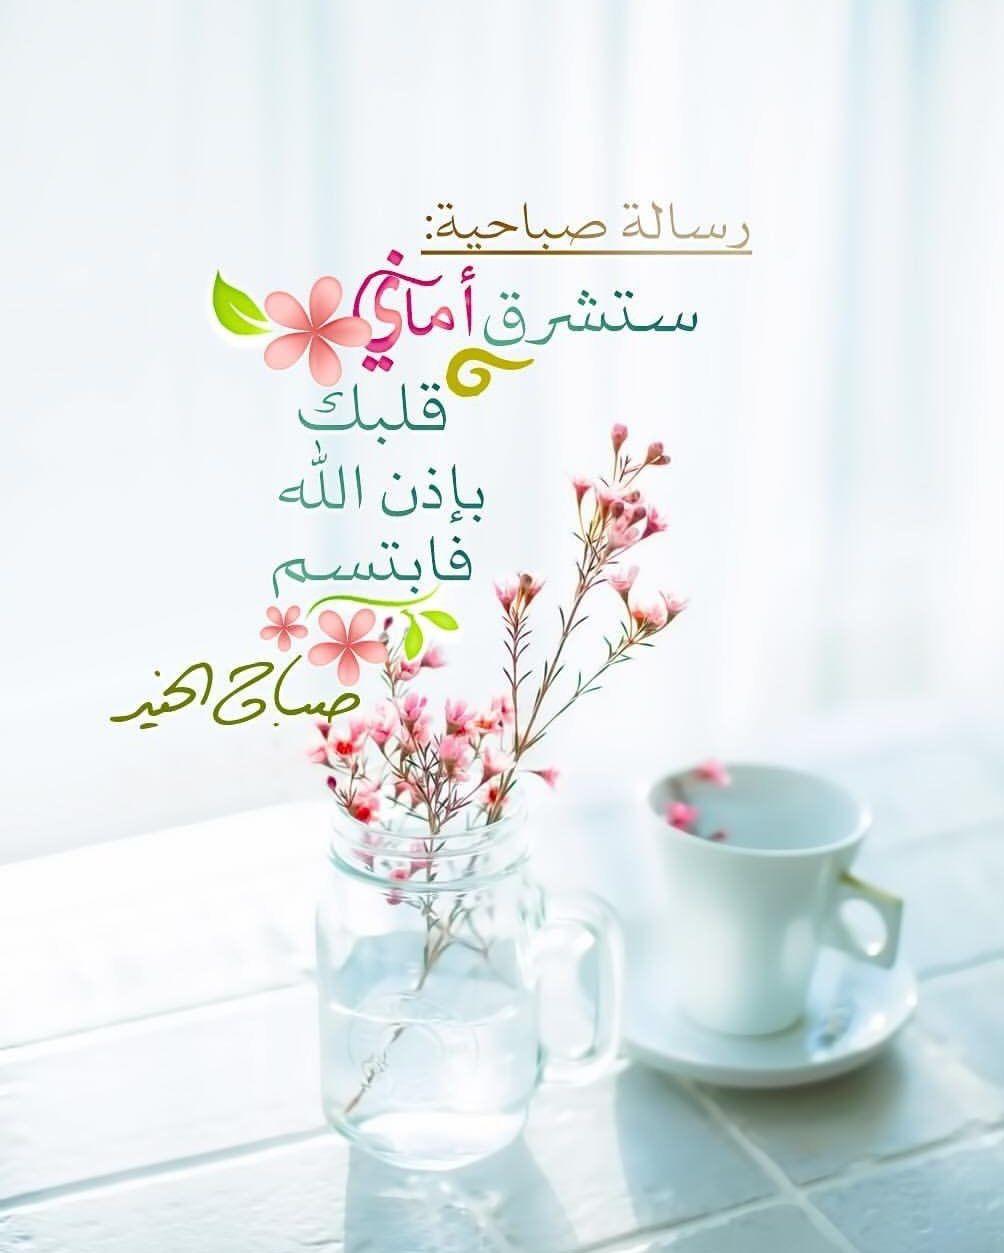 صباح الخير Morning Greeting Word Drawings Friday Messages